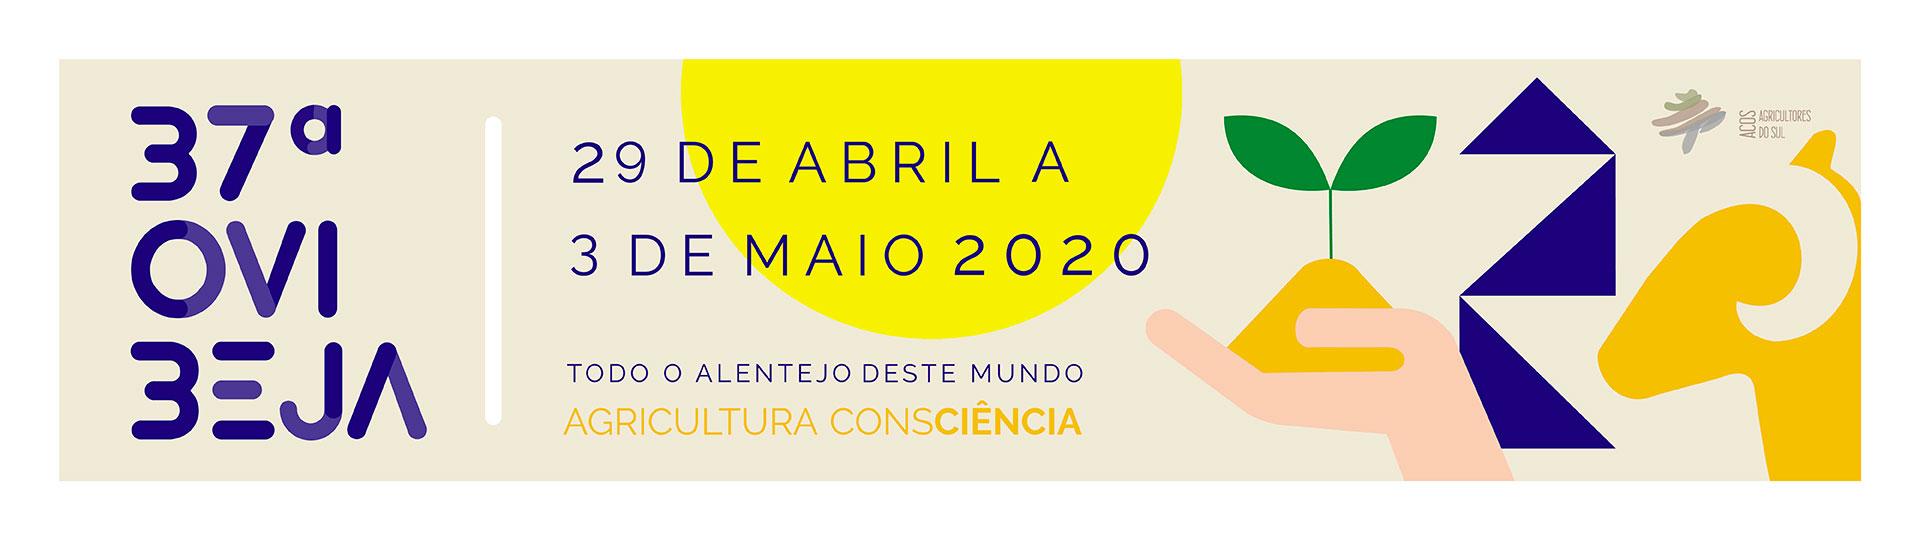 37ª OVIBEJA 2020